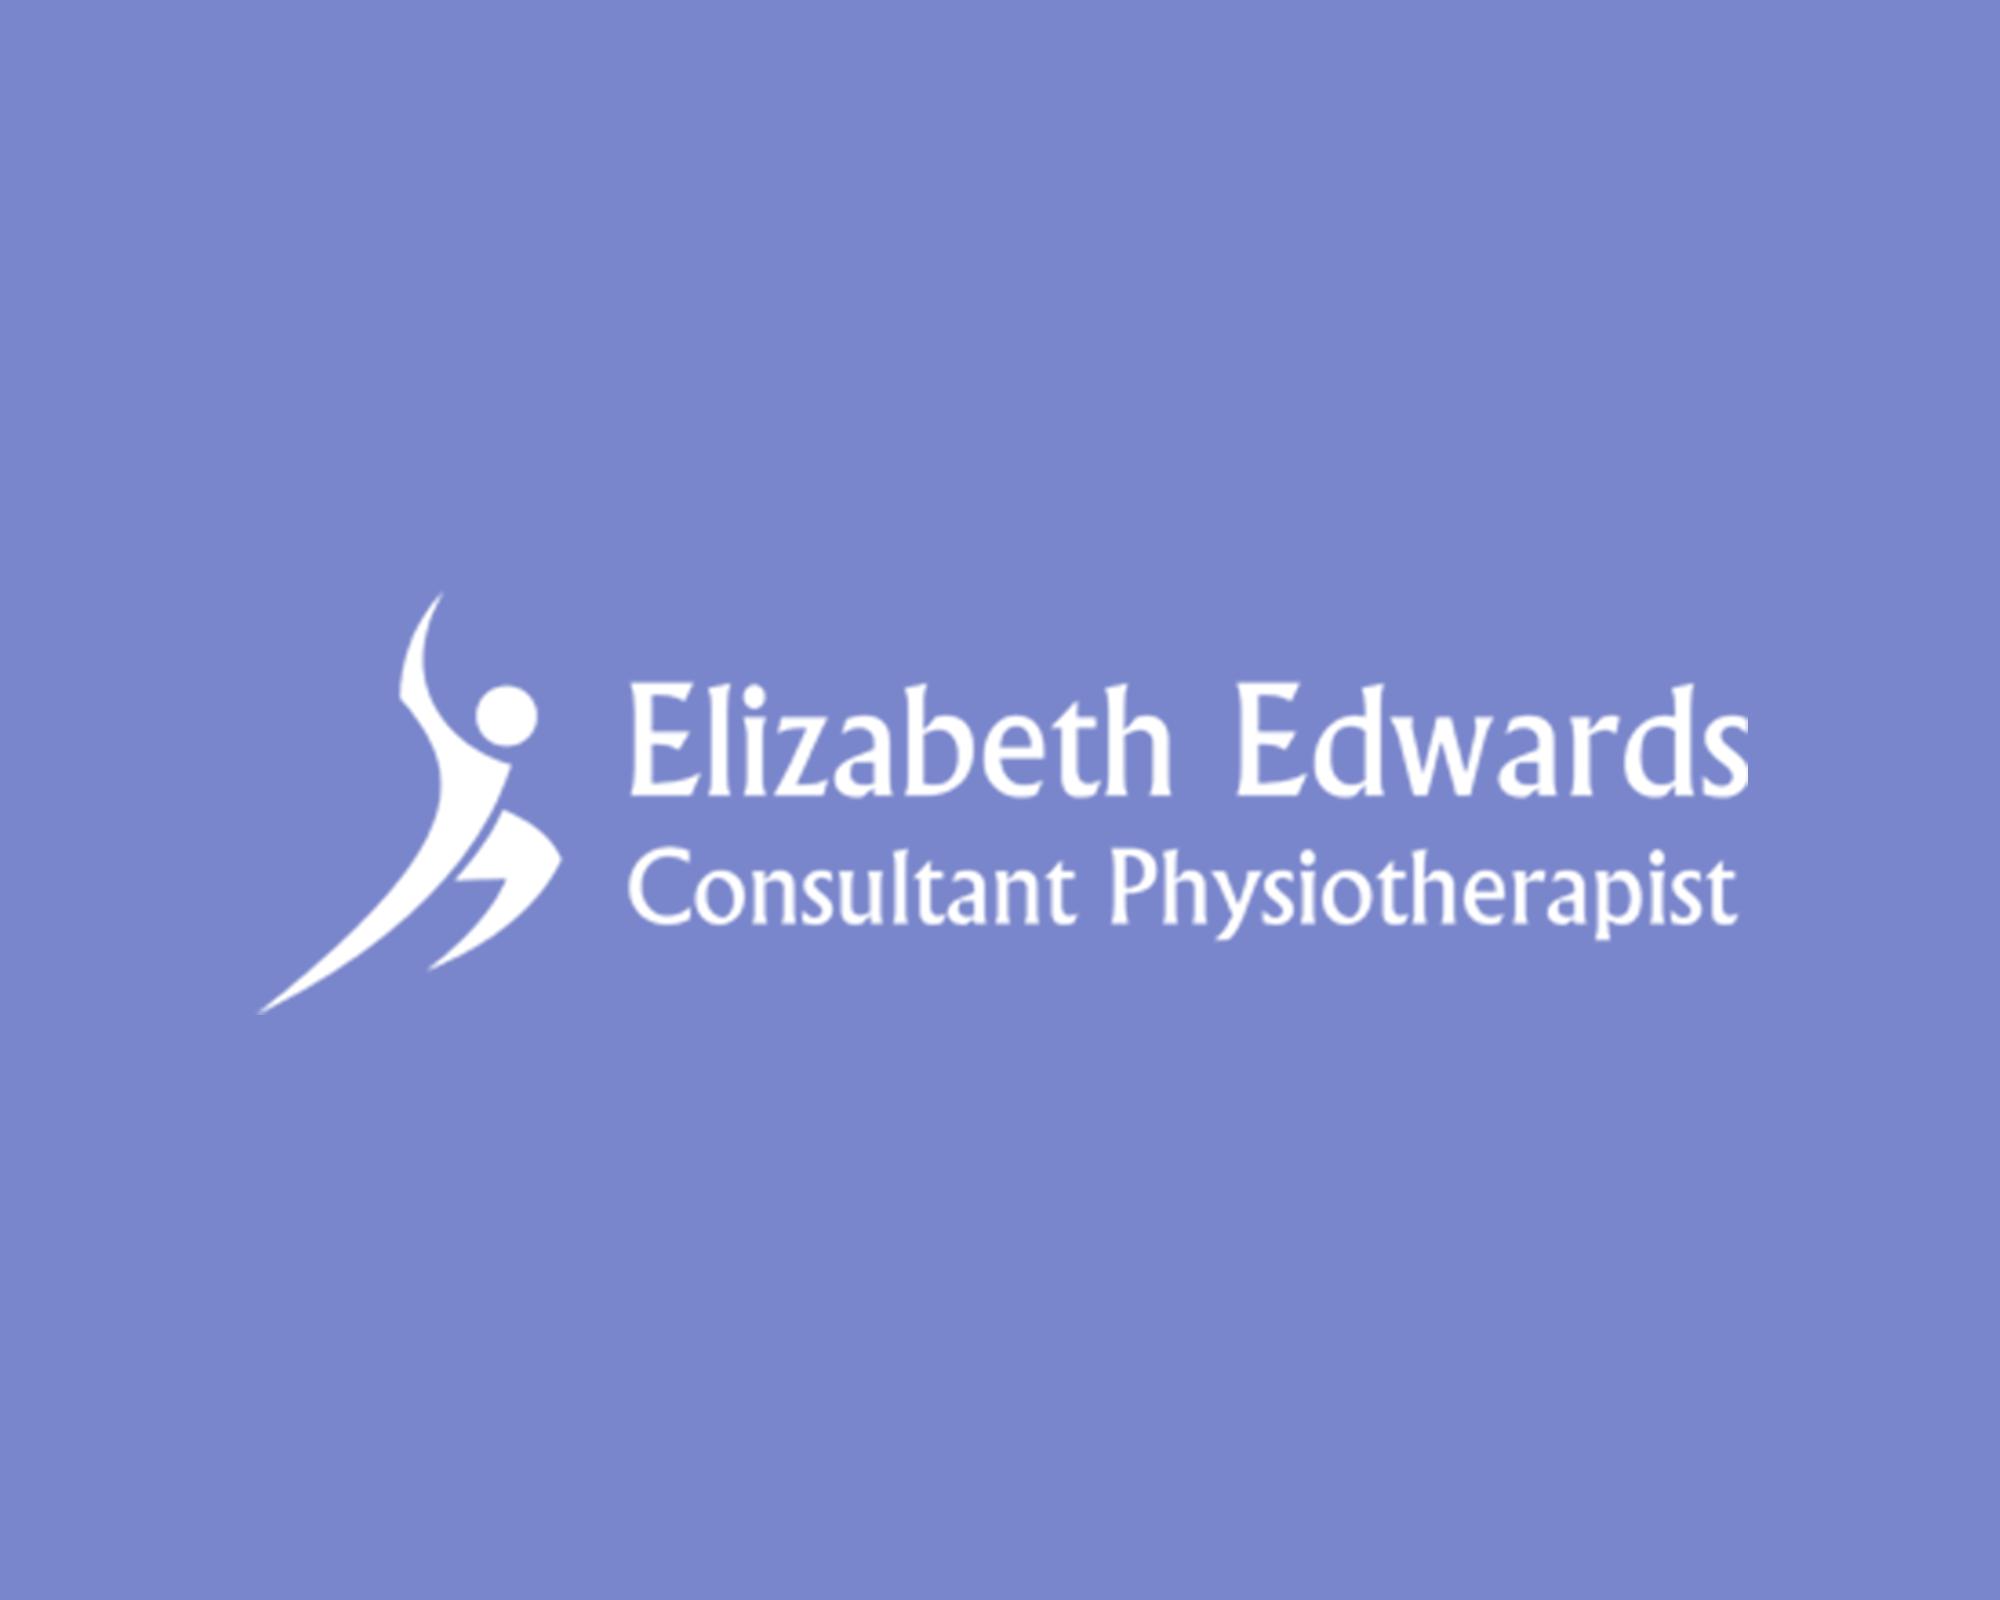 elizabeth edwards Logo